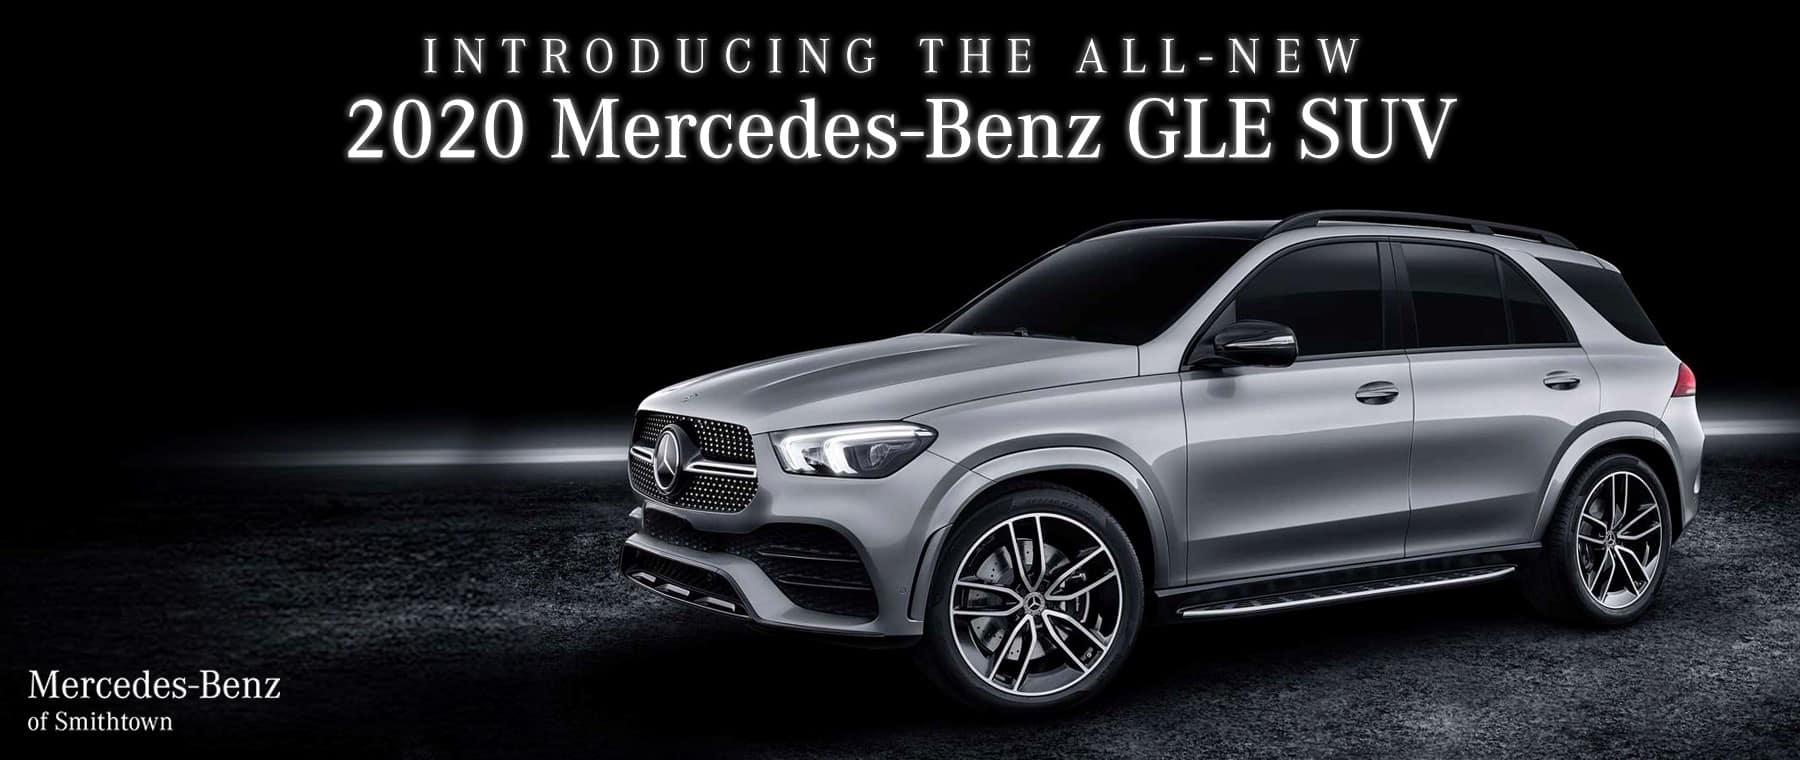 Mercedes-Benz of Smithtown | Mercedes-Benz Dealer in St ...